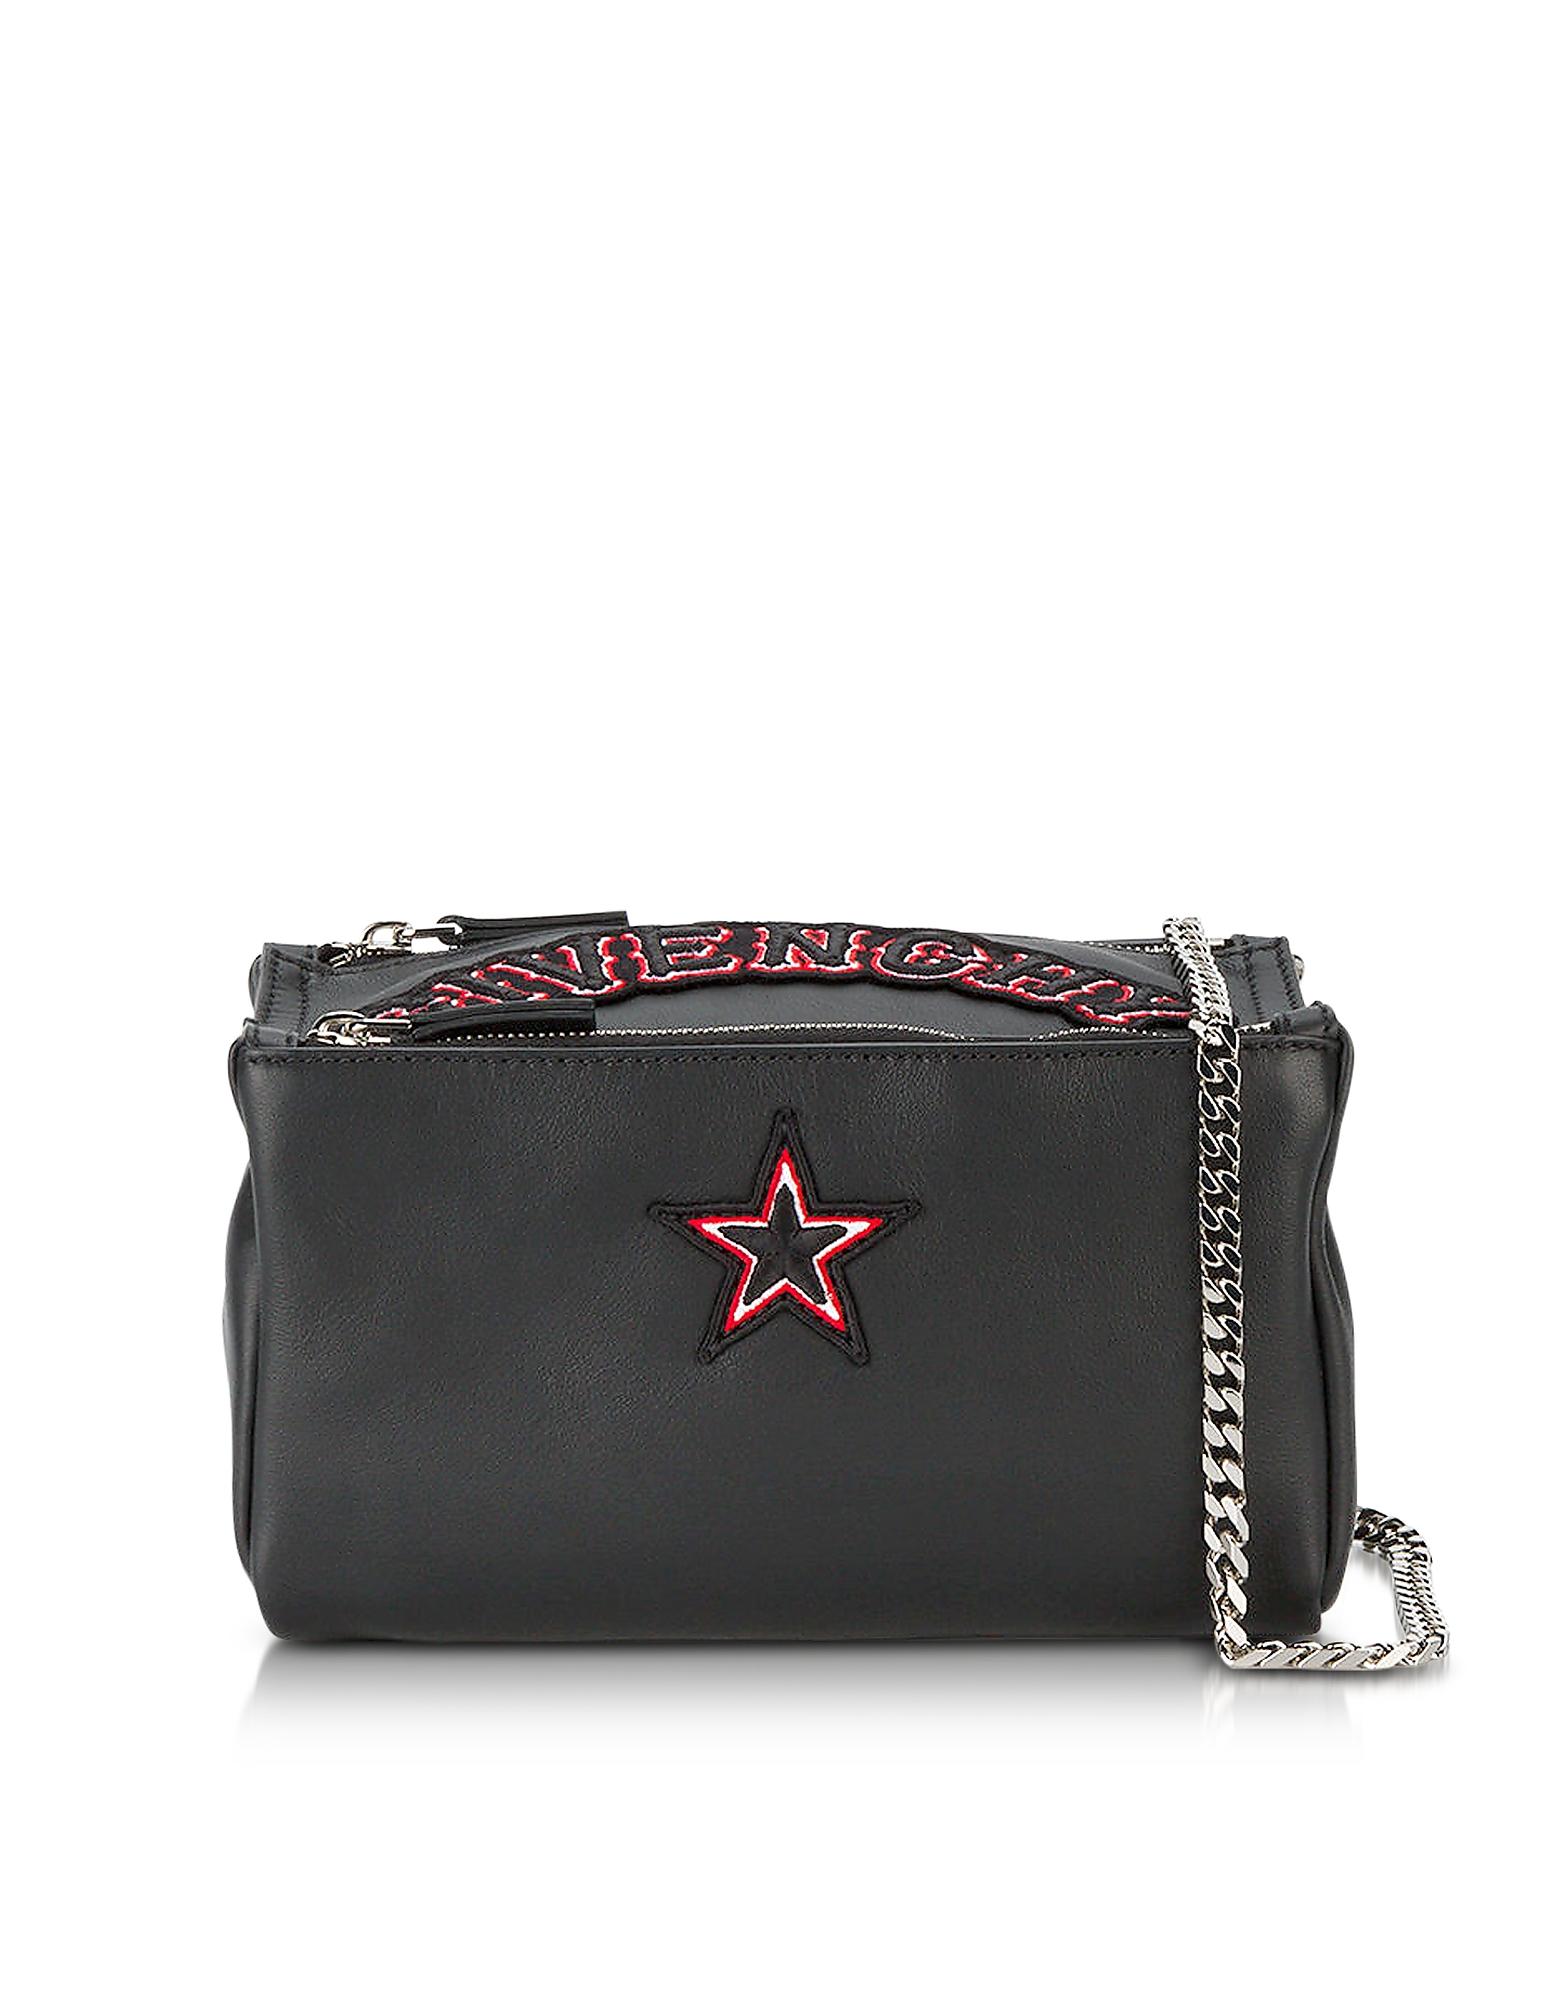 Фото Pandora Chain Black Leather Crossbody Bag. Купить с доставкой